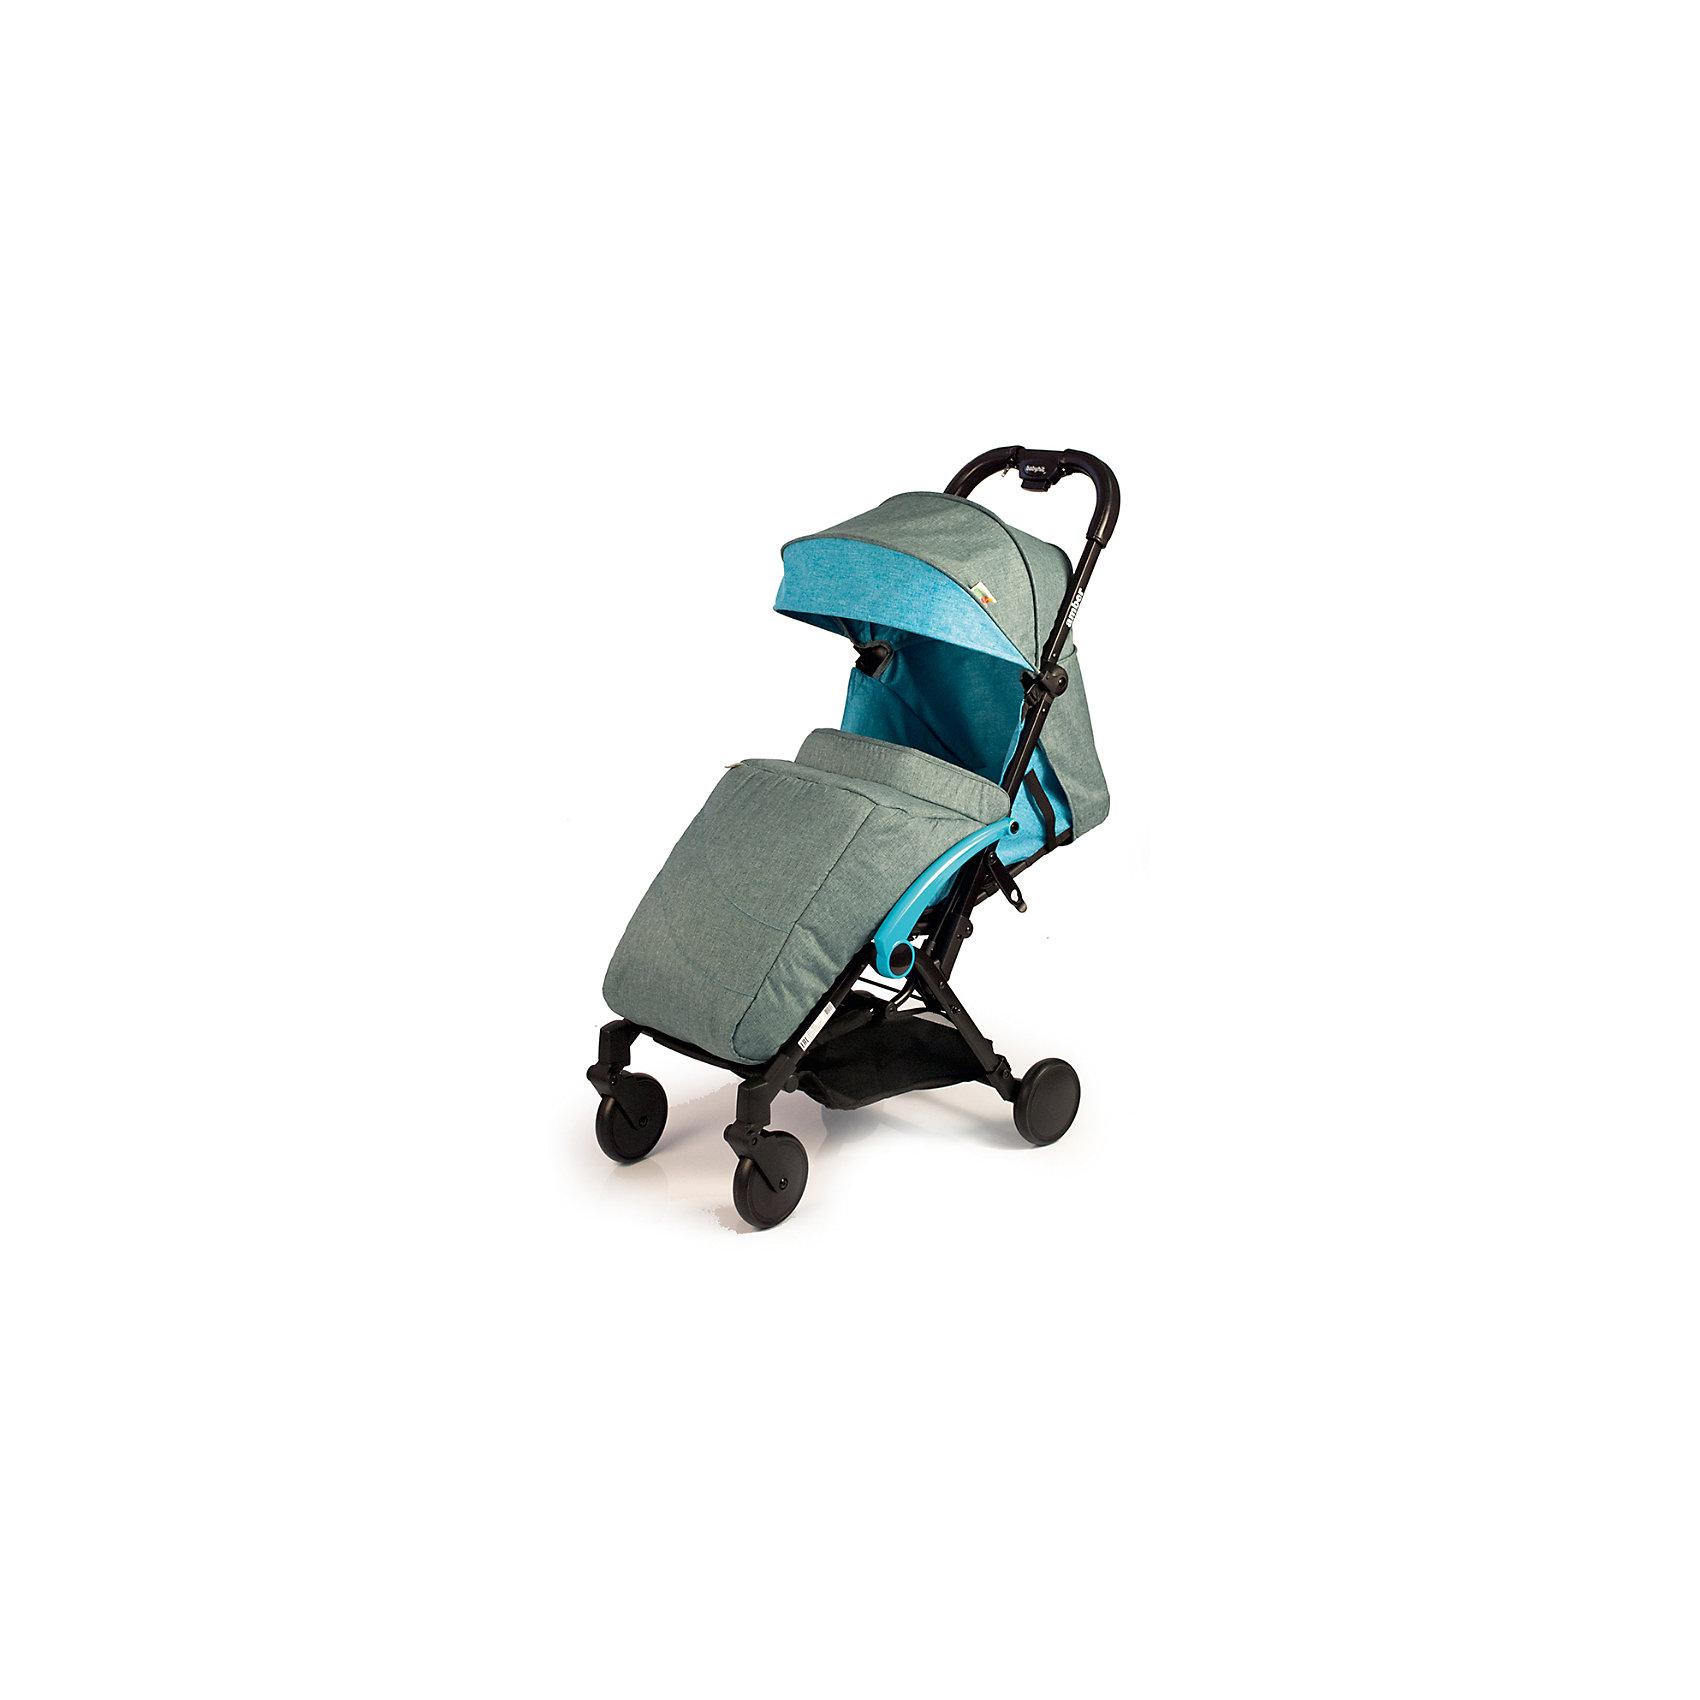 Прогулочная коляска BabyHit Amber 2017, синийПрогулочные коляски<br>Идеальная коляска для путешествий!<br>Компактна в сложенном виде.<br>Ручка с чехлами из эко-кожи<br>Одинарные передние поворотные колеса<br>Алюминиевая рама<br>Съемный поручень с разделителем для ножек<br>Регулируемая до положения «лежа» спинка<br>5-ти точечная система ремней безопасности<br>Багажная корзина<br>В комплекте: полог, дождевик, москитная сетка, сумка-чехол.<br><br>Характеристика:<br>Размеры в разложенном виде: 85 х 47 х 104 см (Д х Ш х В)<br>Размеры в сложенном виде: 54 х 47 х 32 см (Д х Ш х В)<br>Ширина сиденья: 32 см<br>Длина сиденья: 27 см<br>Высота спинки: 42 см<br>Высота до ручки: 104 см<br>Диаметр колес: 13,5 см<br>Вес: 6,7 кг<br><br>Отличительные особенности обновленной Babyhit Amber: ручка с чехлами из эко-кожи, повышенная плотность ткани, сумка чехол для коляски в комплекте.<br><br>Ширина мм: 465<br>Глубина мм: 255<br>Высота мм: 570<br>Вес г: 7600<br>Возраст от месяцев: 6<br>Возраст до месяцев: 36<br>Пол: Унисекс<br>Возраст: Детский<br>SKU: 5584571